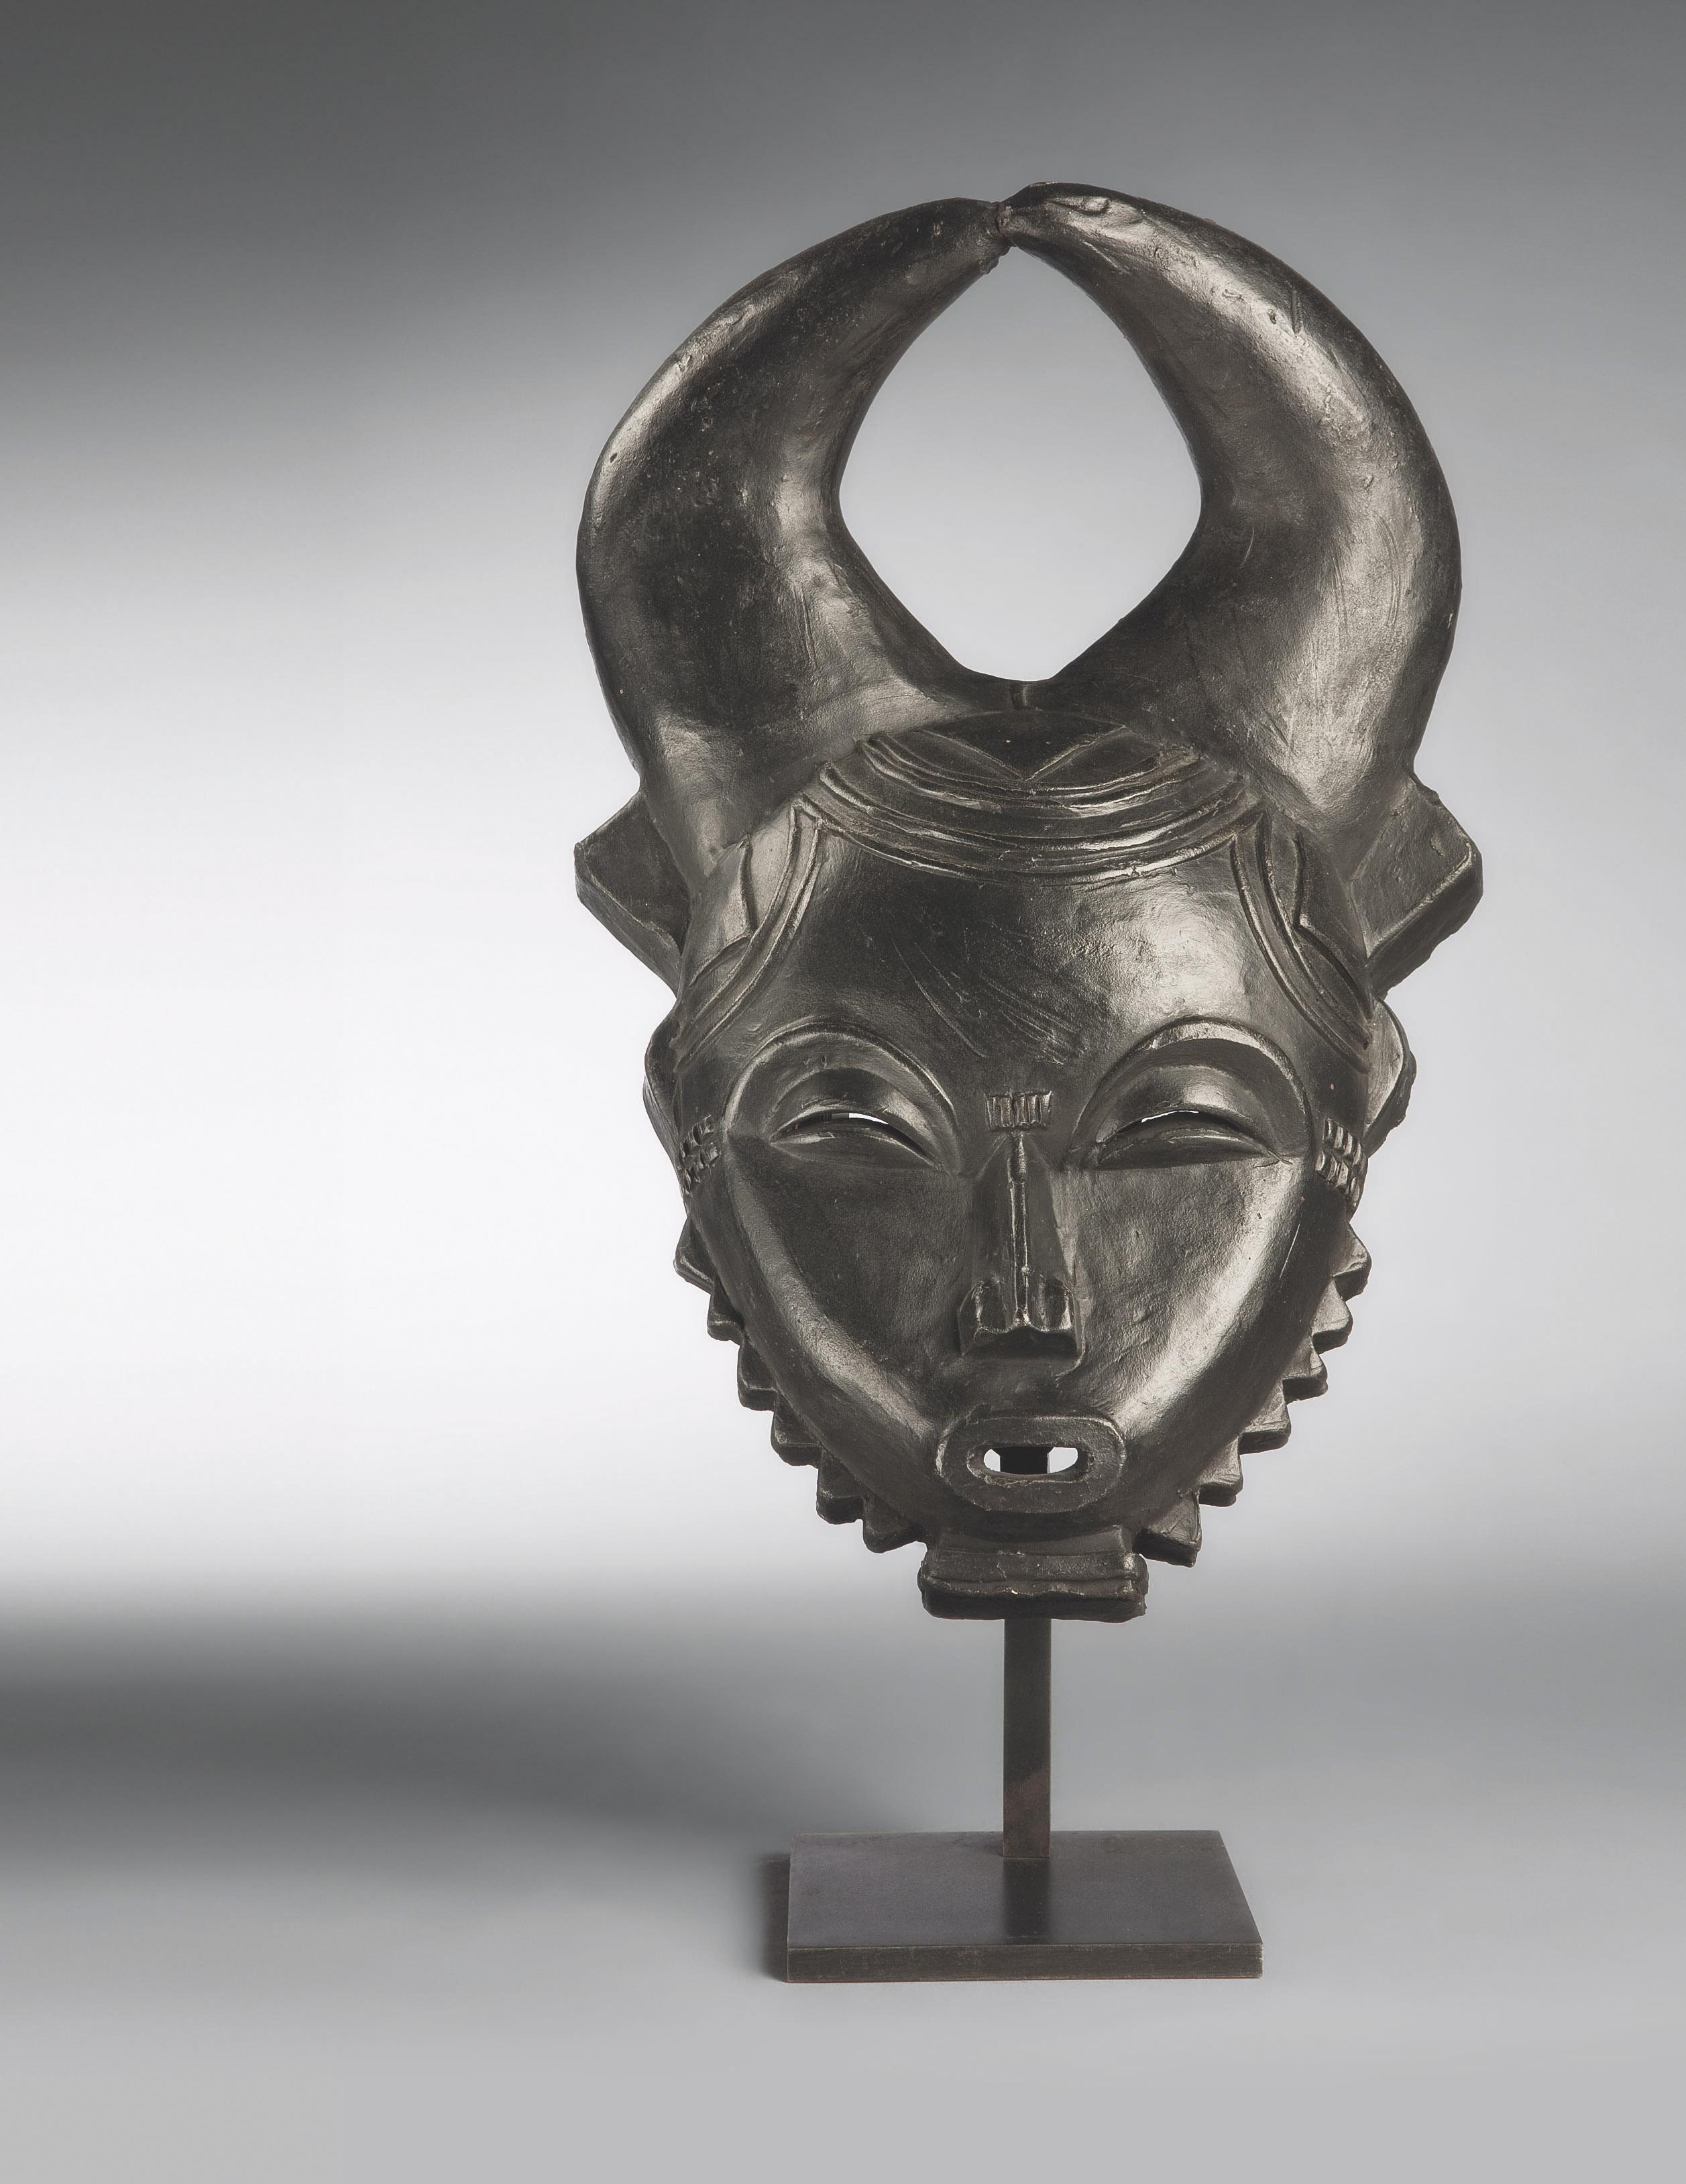 RENE BUTHAUD (1886-1986)